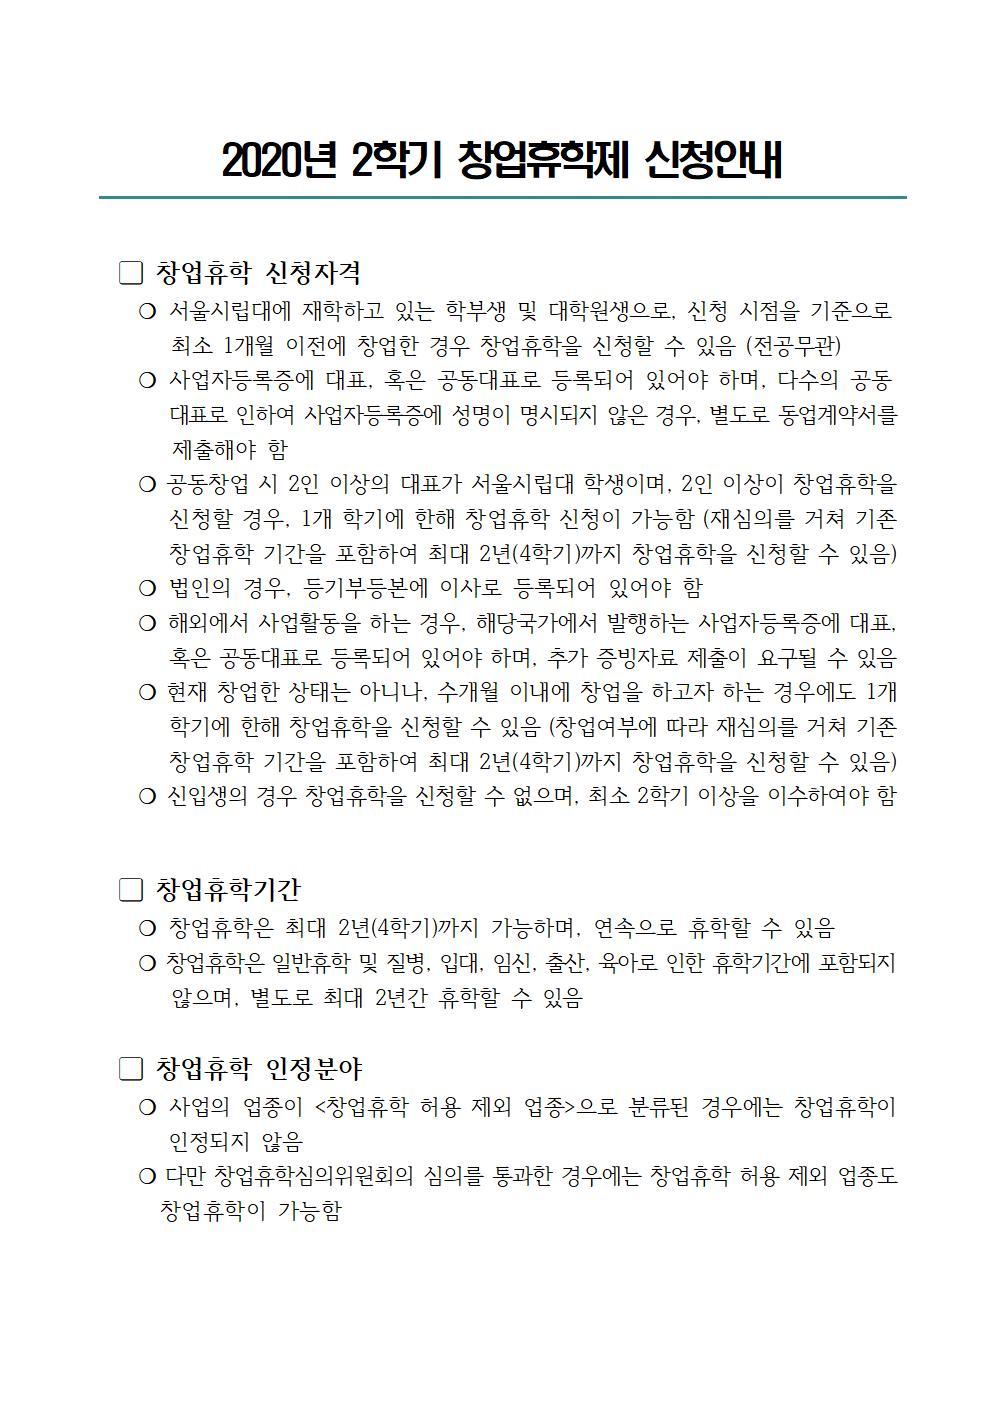 창업휴학 신청안내1